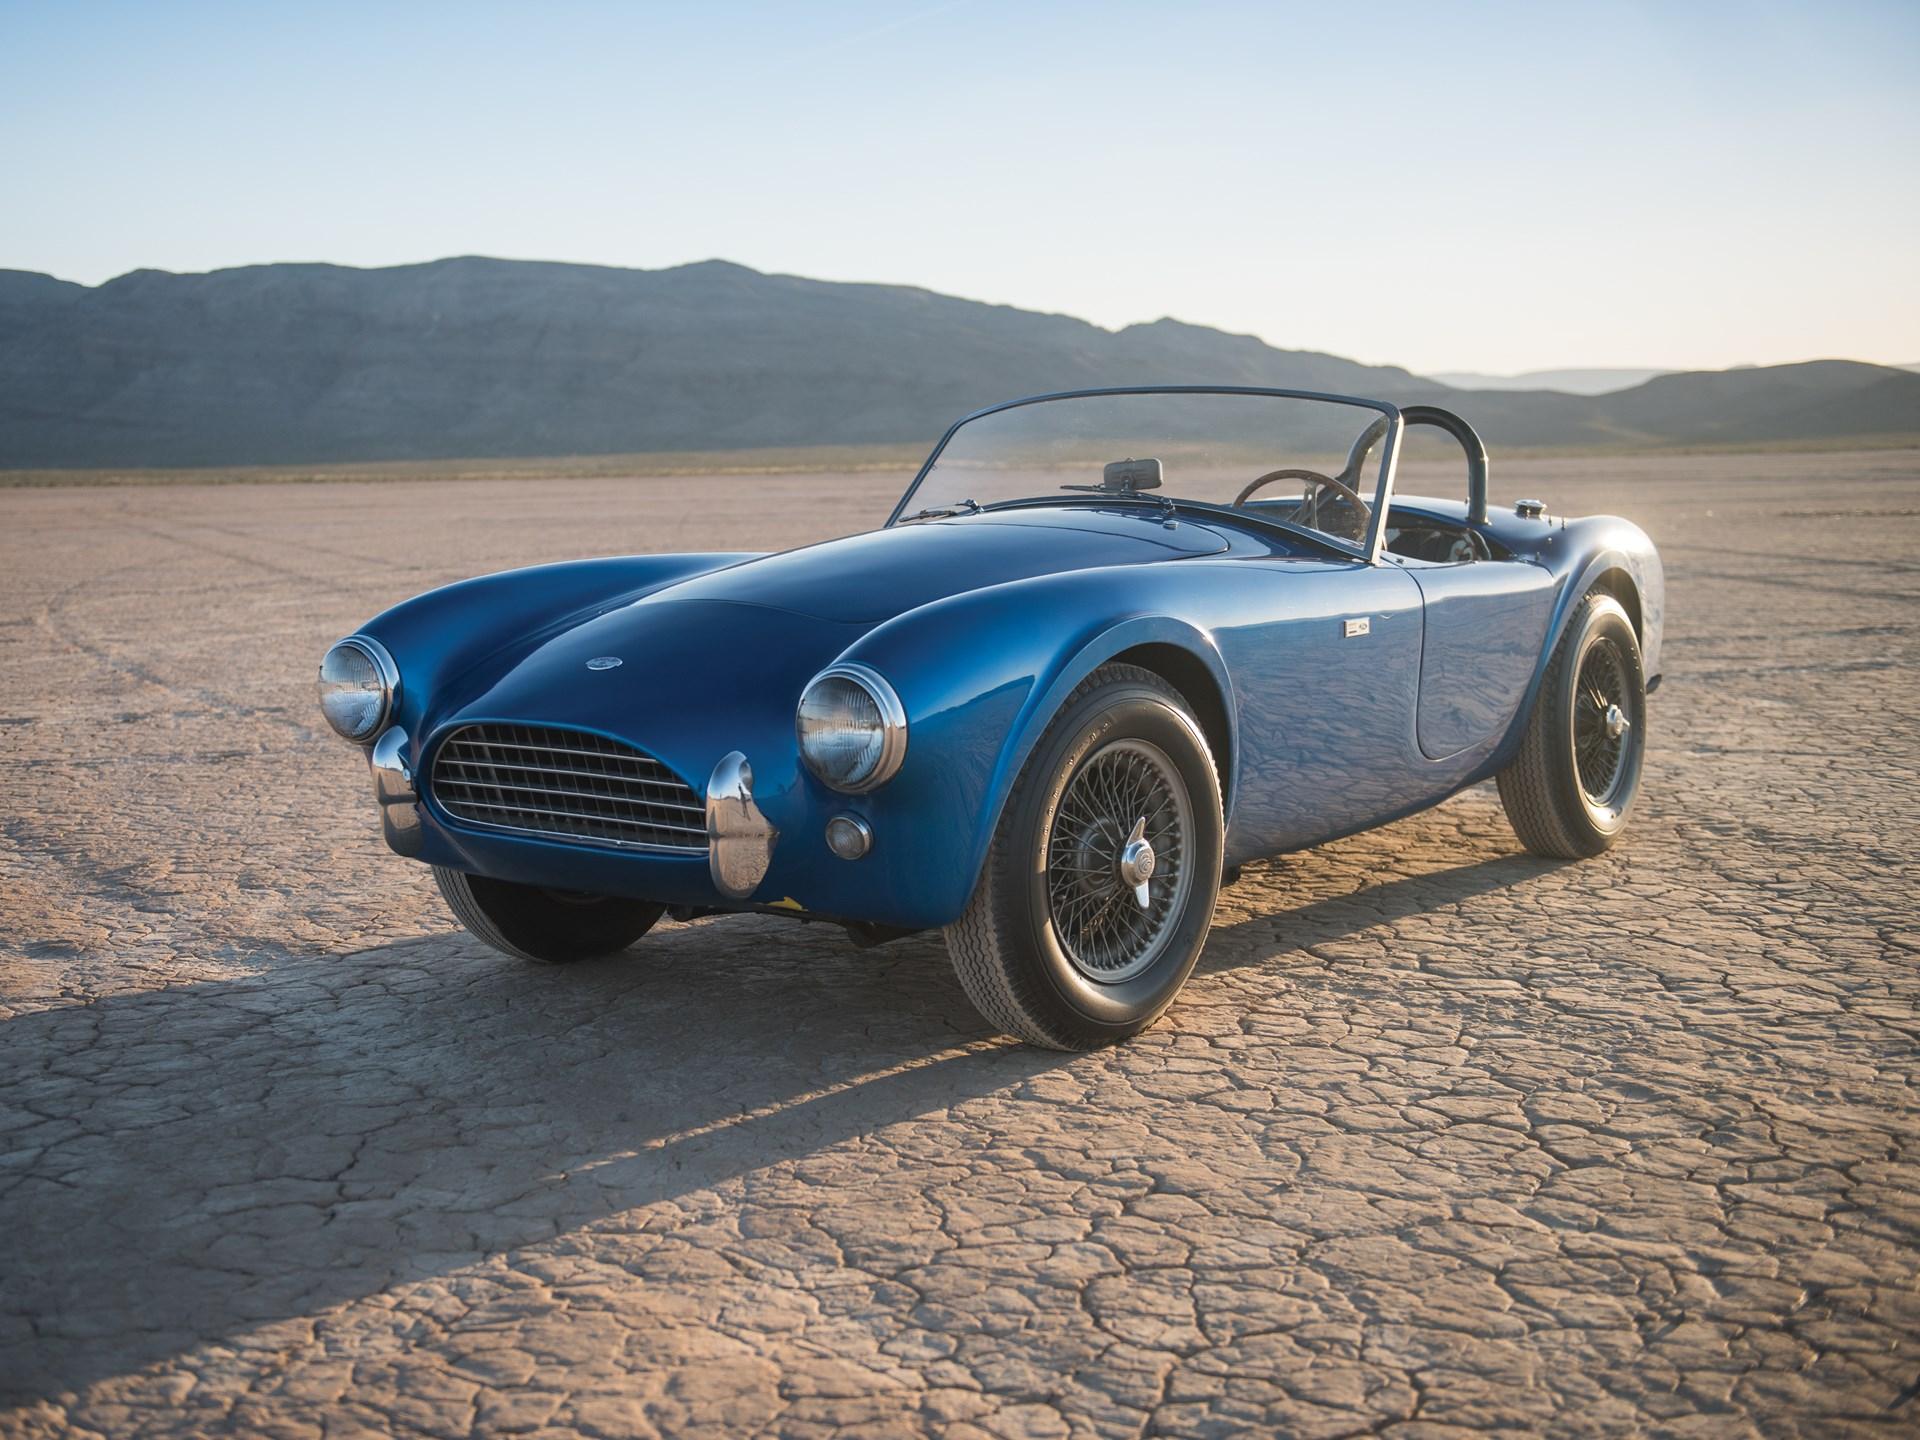 RM Sotheby's - 1962 Shelby 260 Cobra